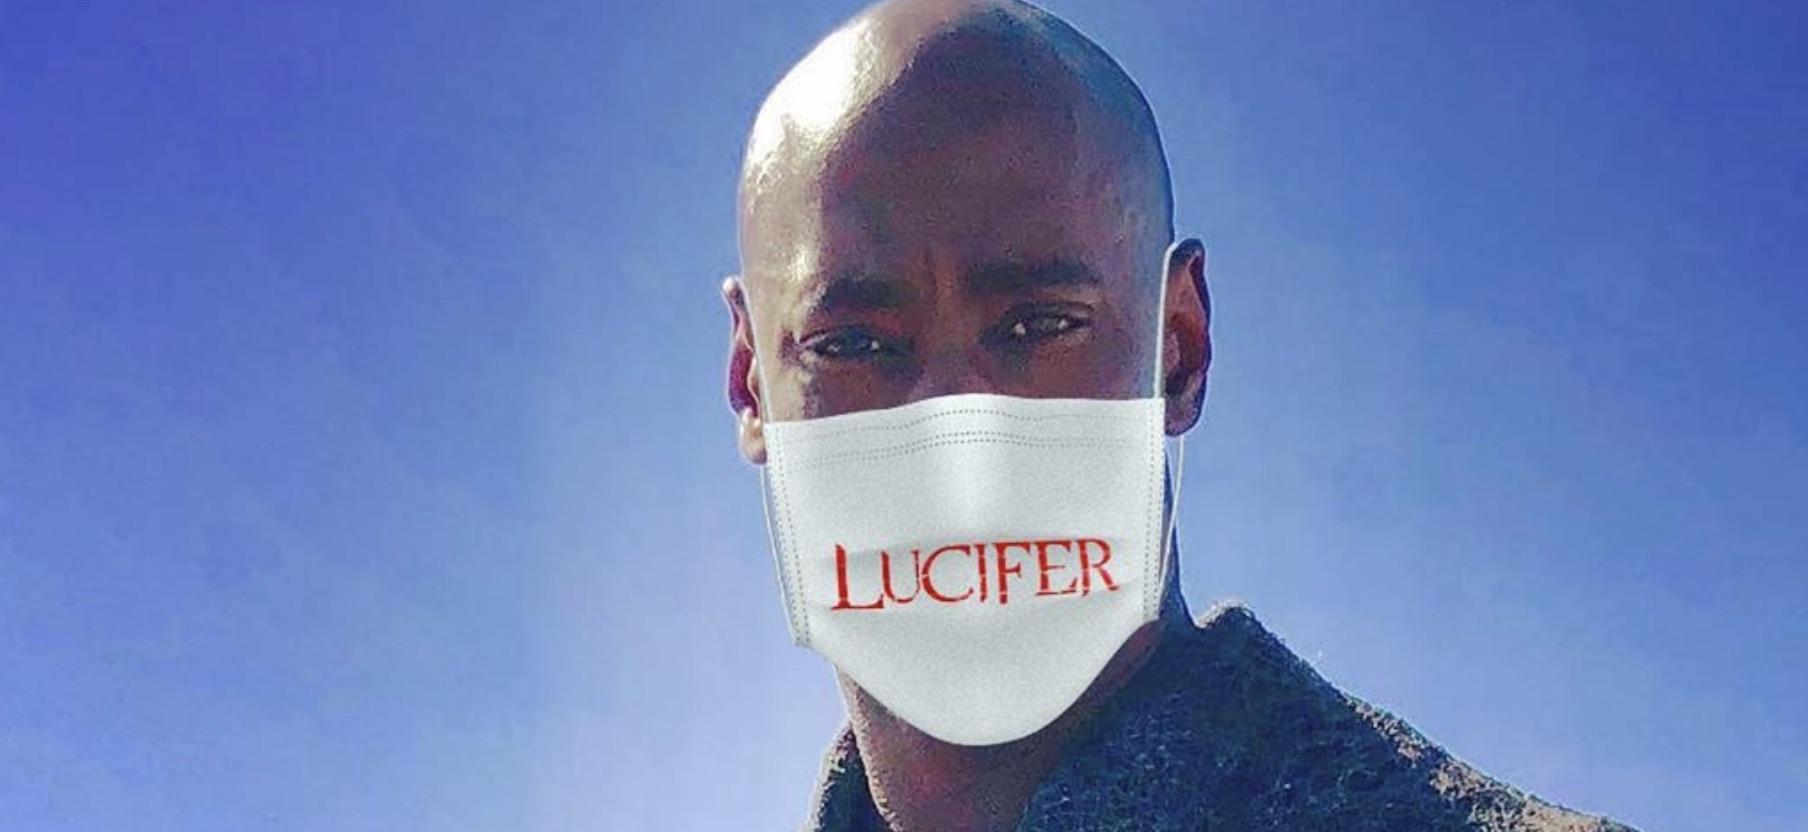 DB Woodside, Lucifer-https://www.instagram.com/p/B_P4kr7Bvt9/